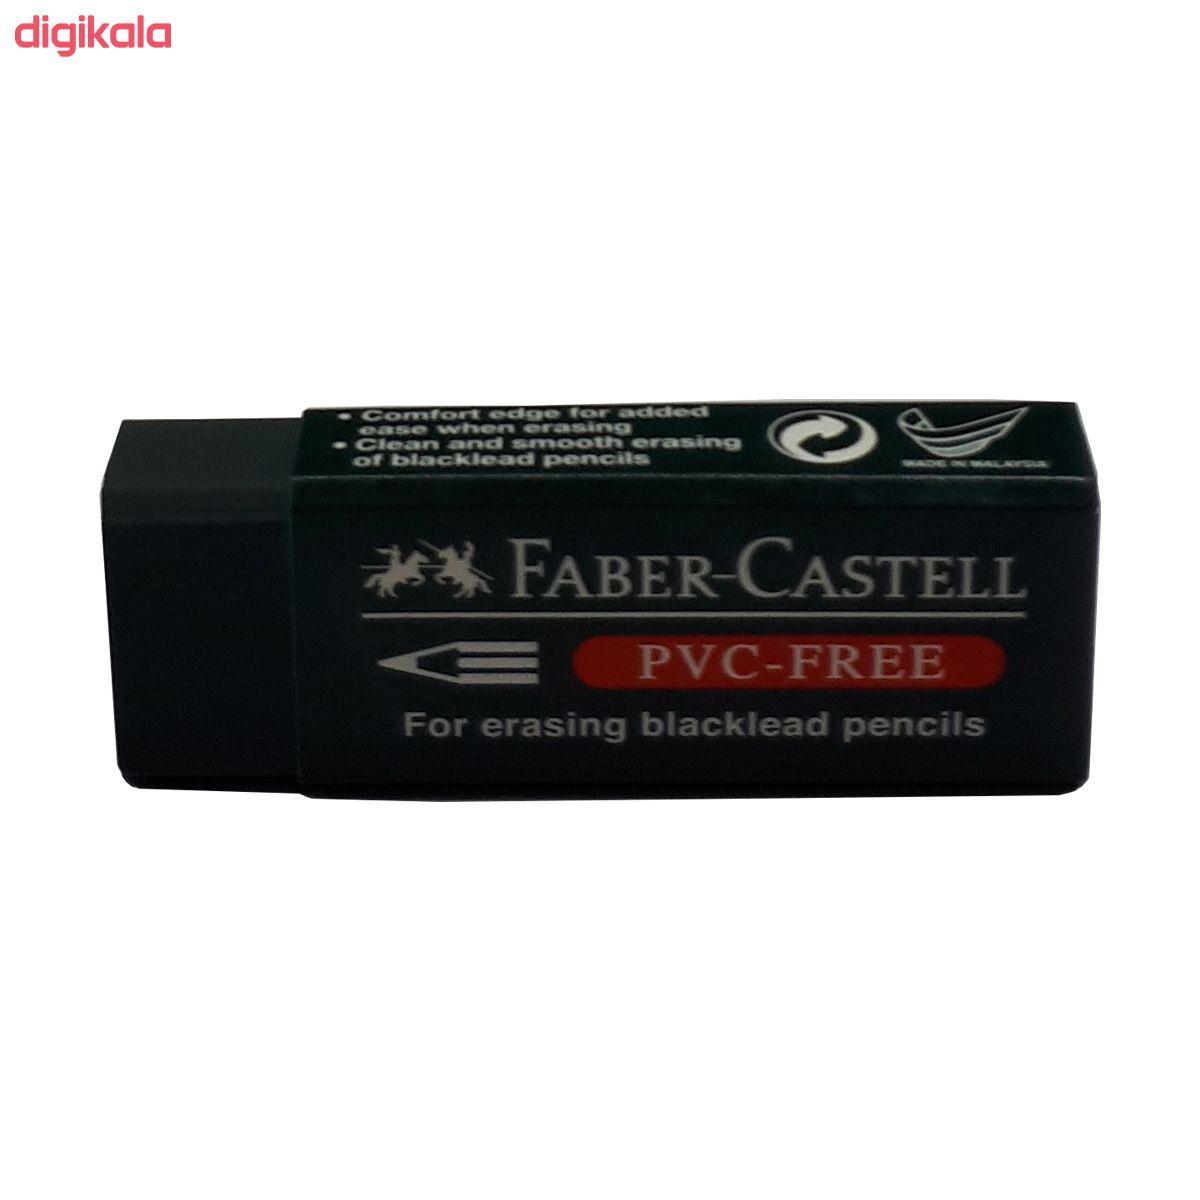 پاک کن فابر کاستل مدل PVC-FREE کد 188589 main 1 1